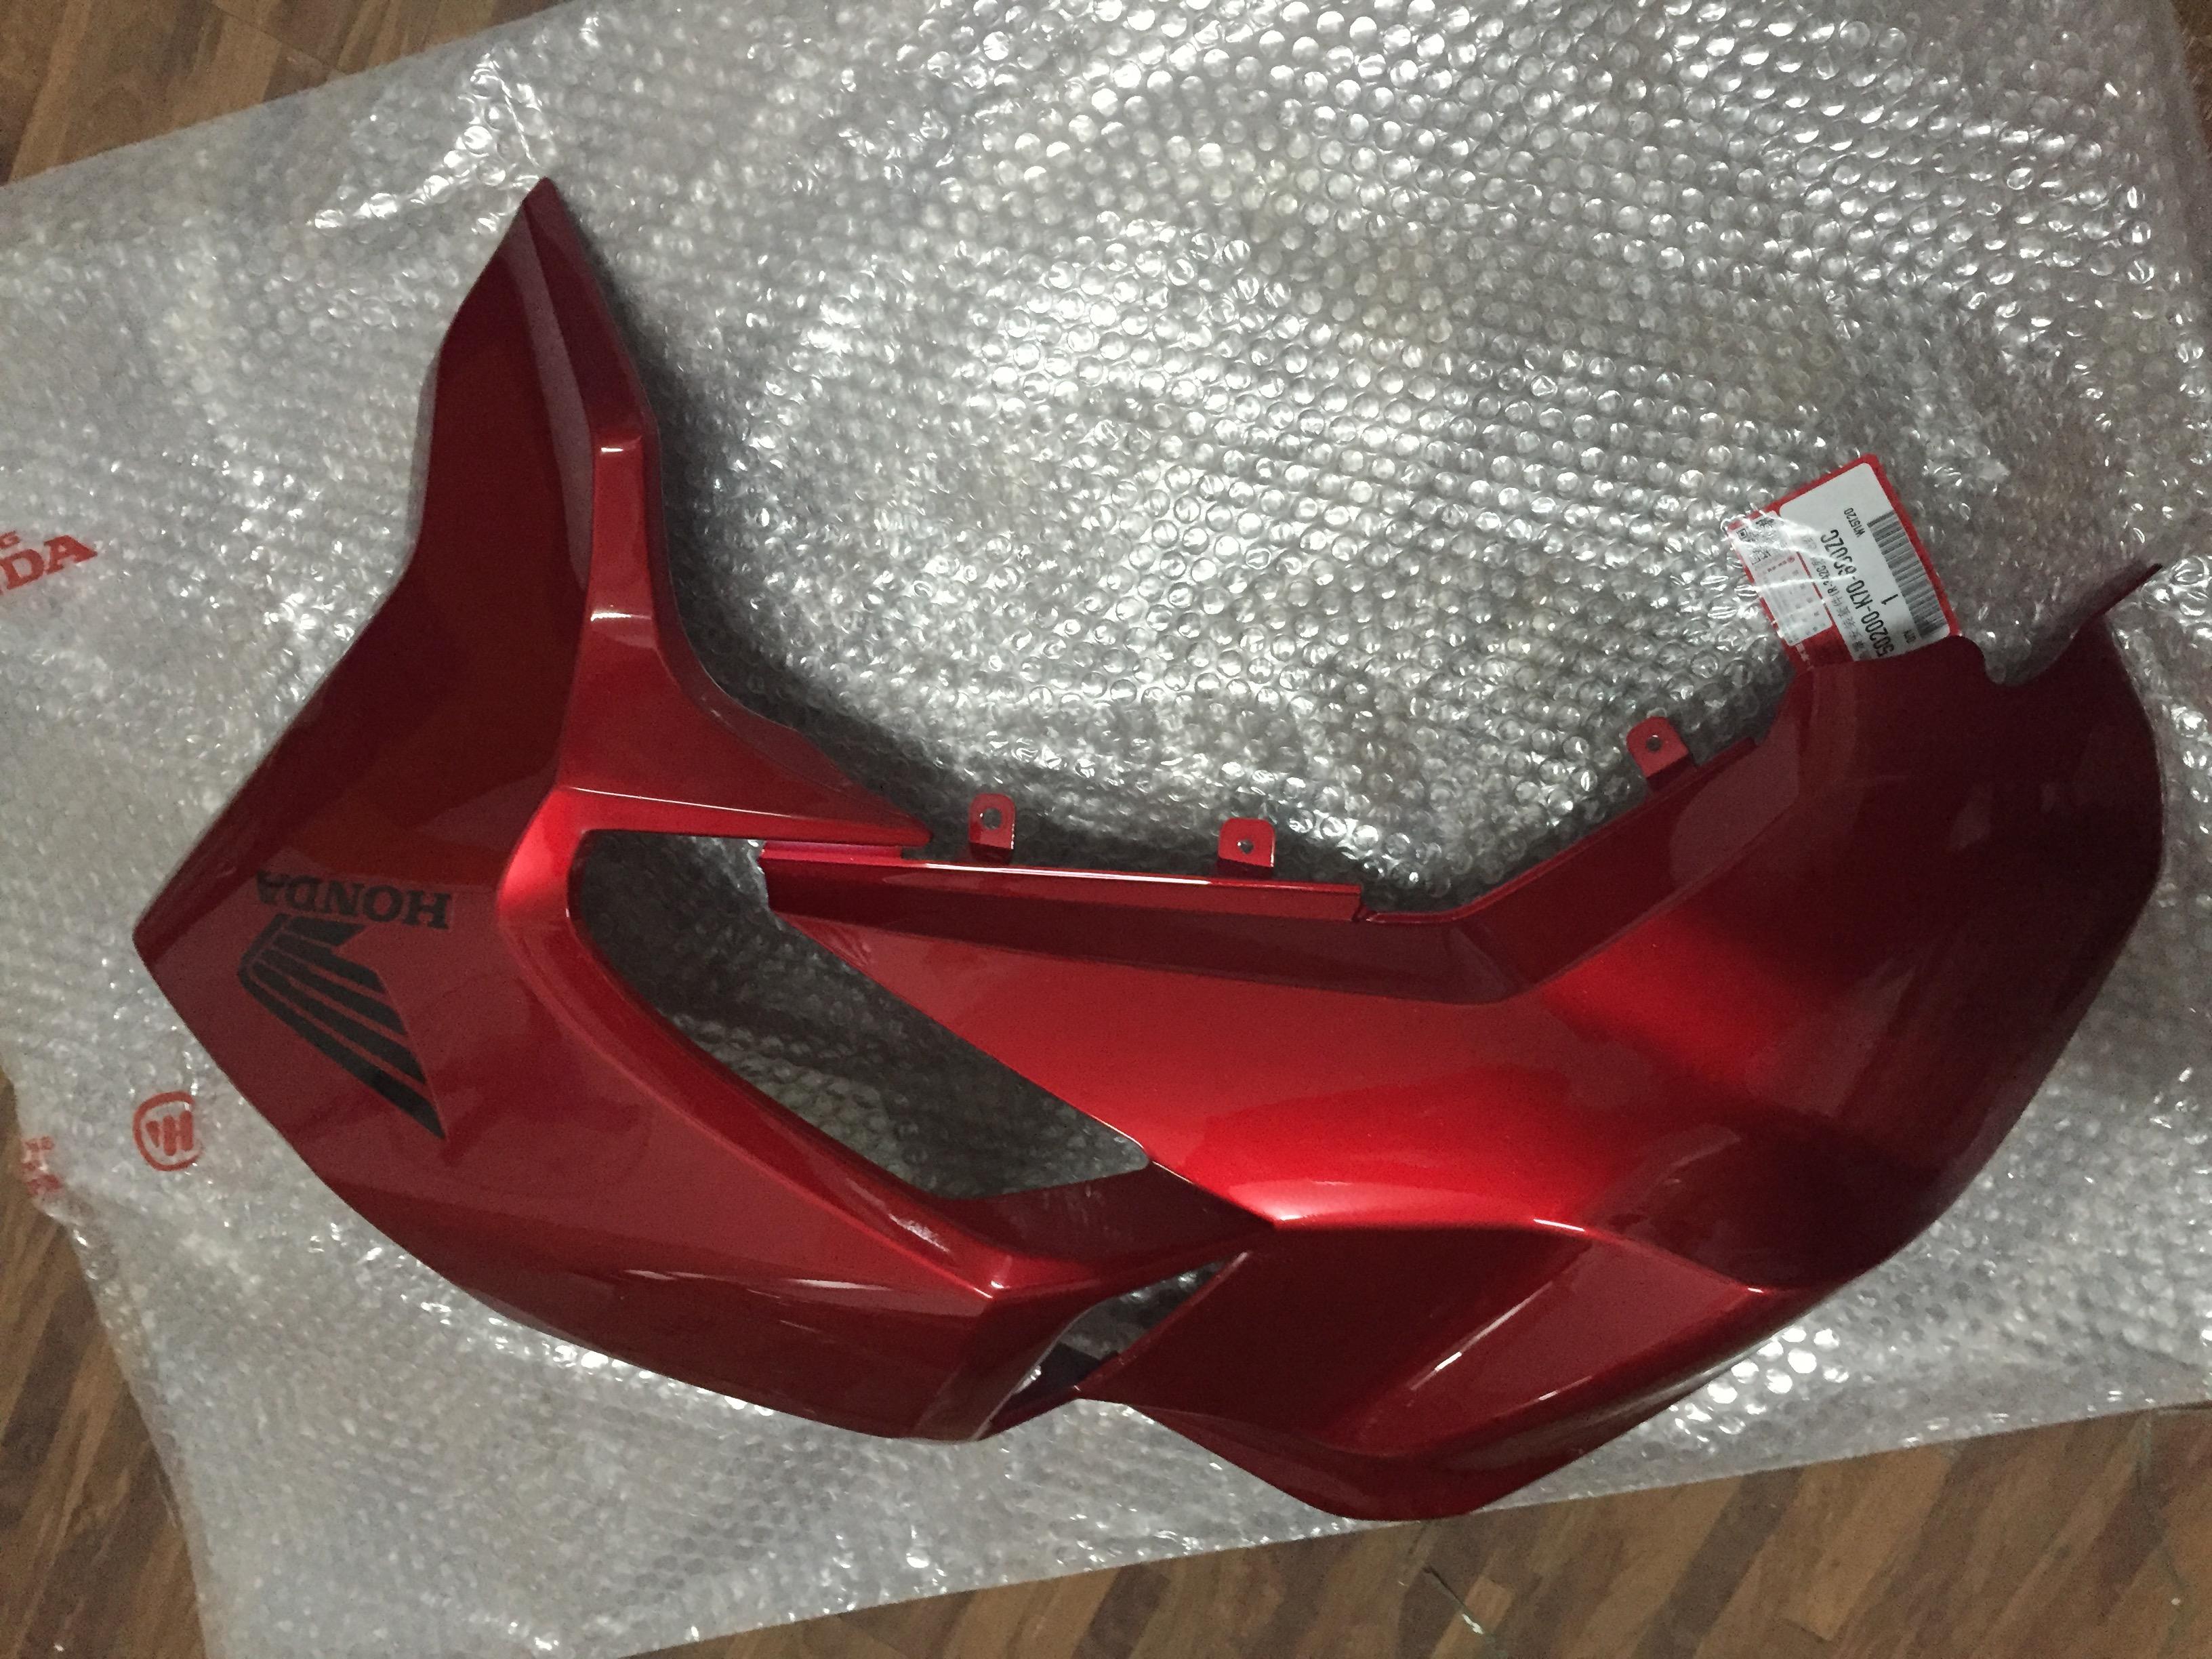 Honda accessori originali CB190R l'occhio del ciclone serbatoio della Moto Moto accessori.